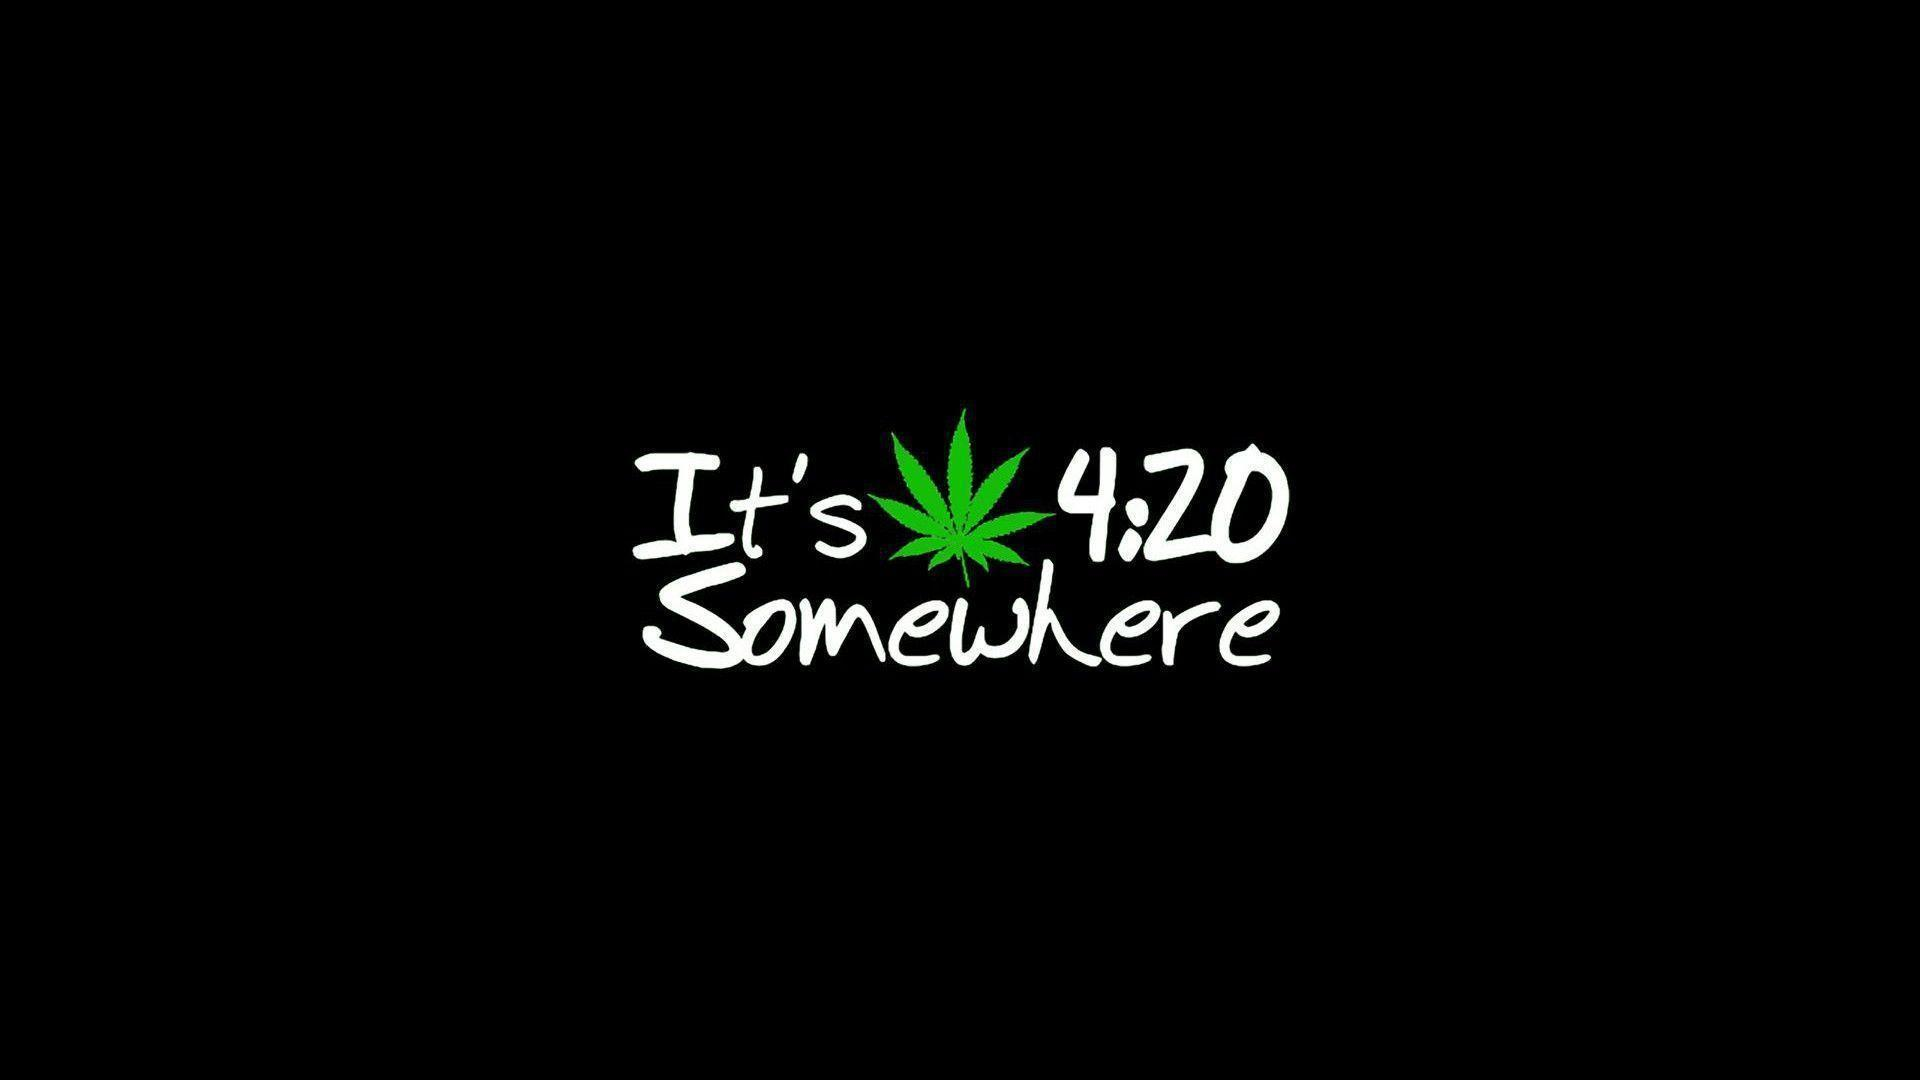 weed logo hd - photo #46